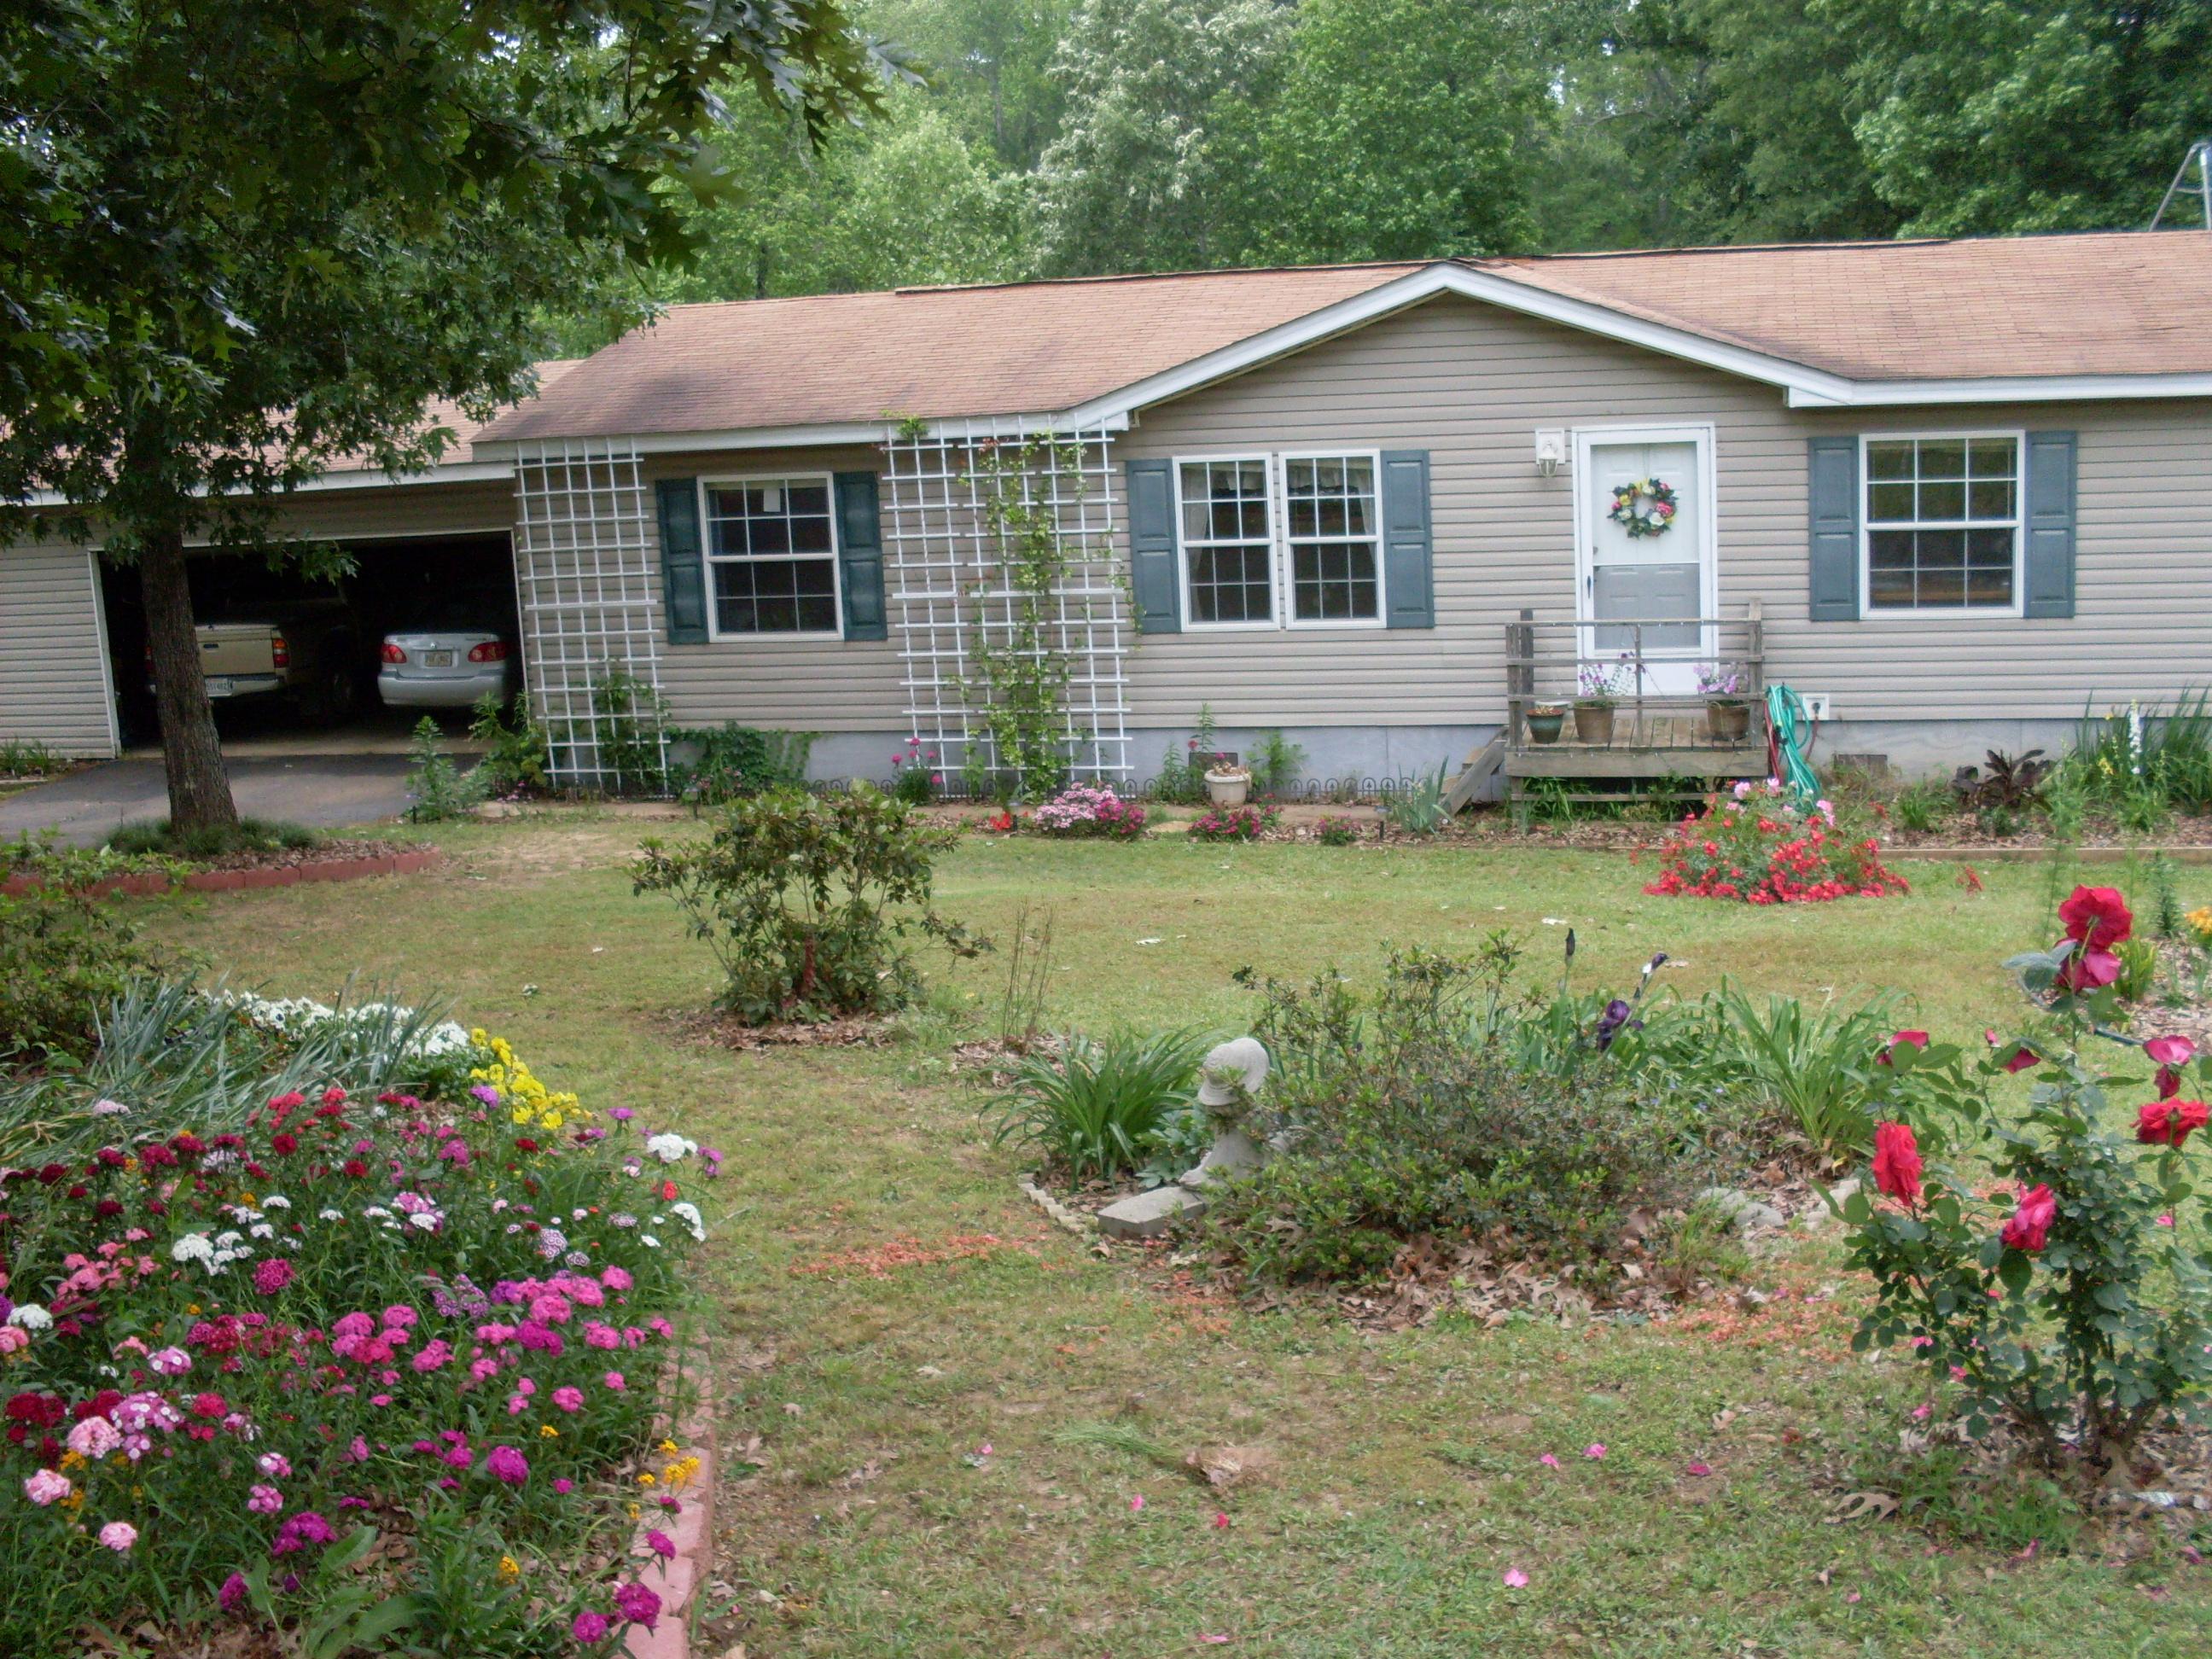 390 Shag Bark Lane, Many, Louisiana 71449